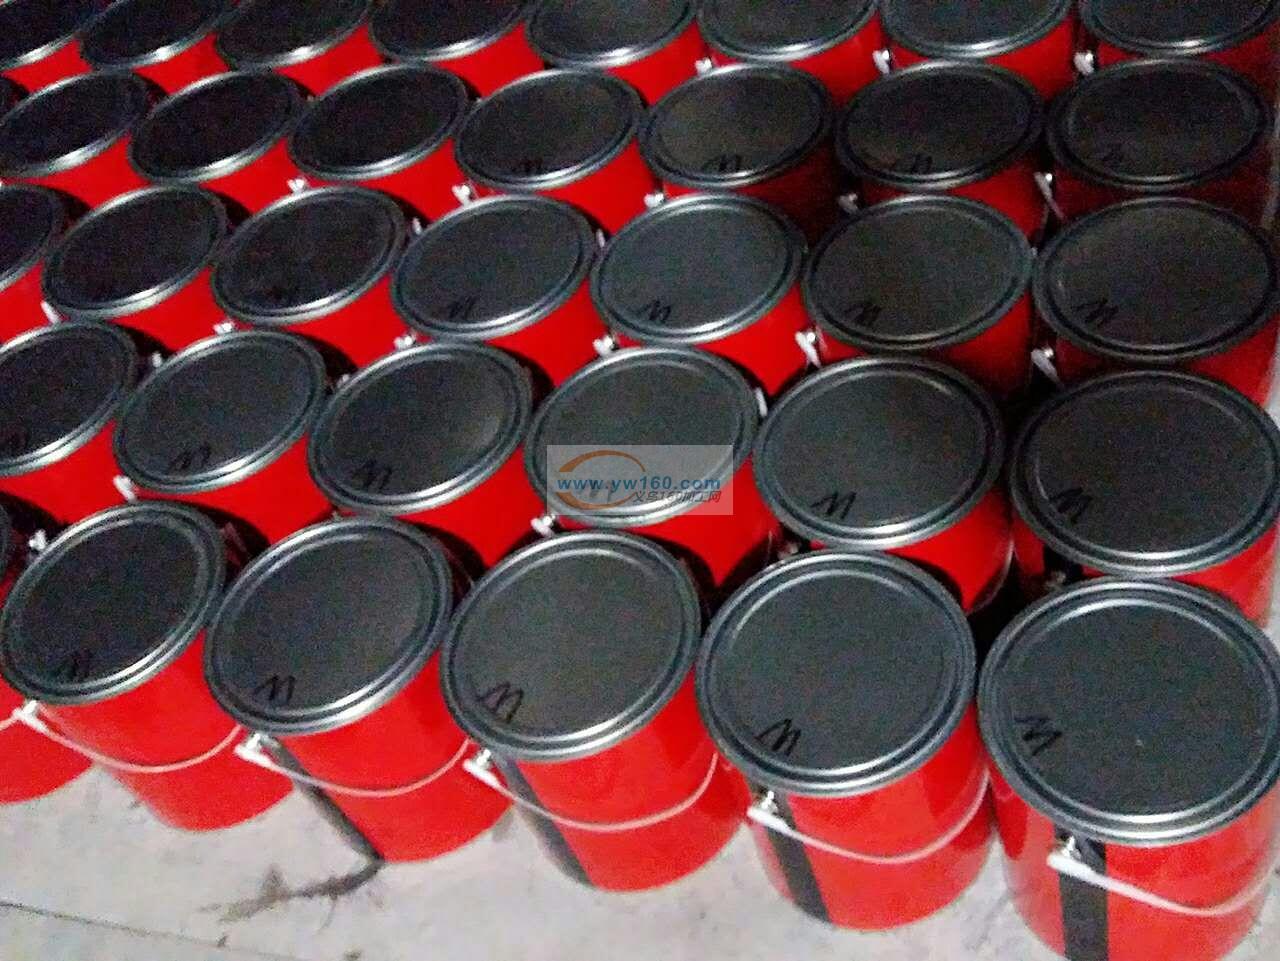 厂家直销环保AB点钻胶滴油胶13505890260水晶滴油胶